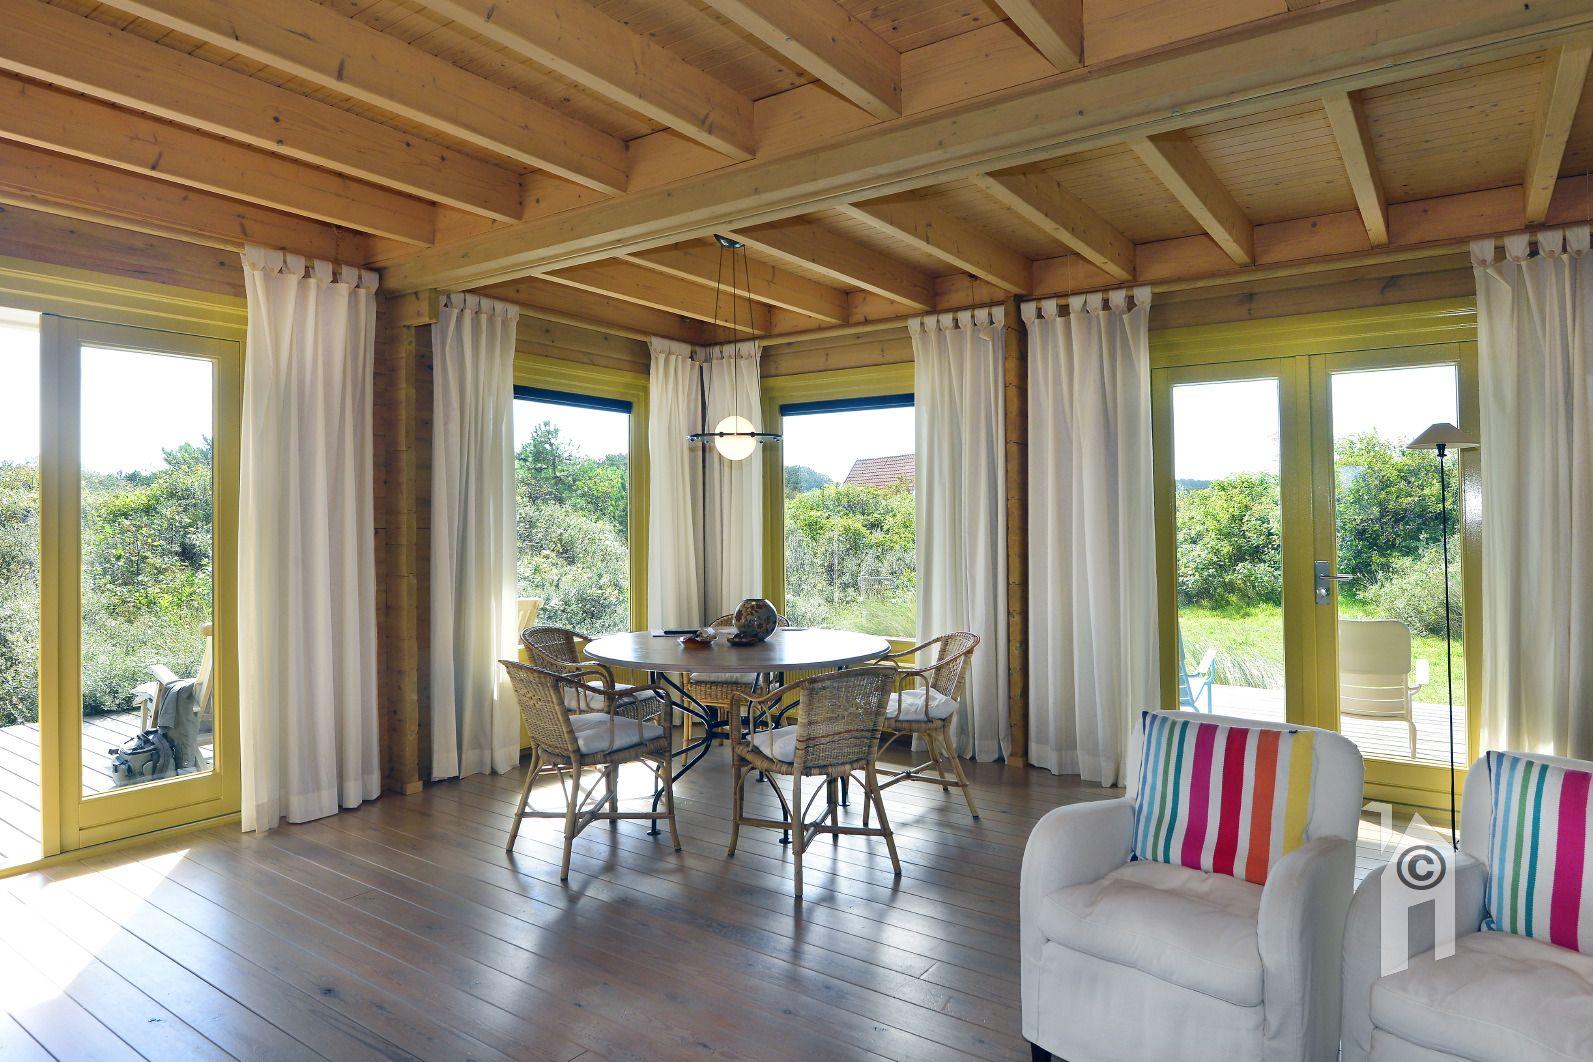 Open Woonkamer Indeling : De indeling beneden ruime terrassen een open woonkamer tegenover